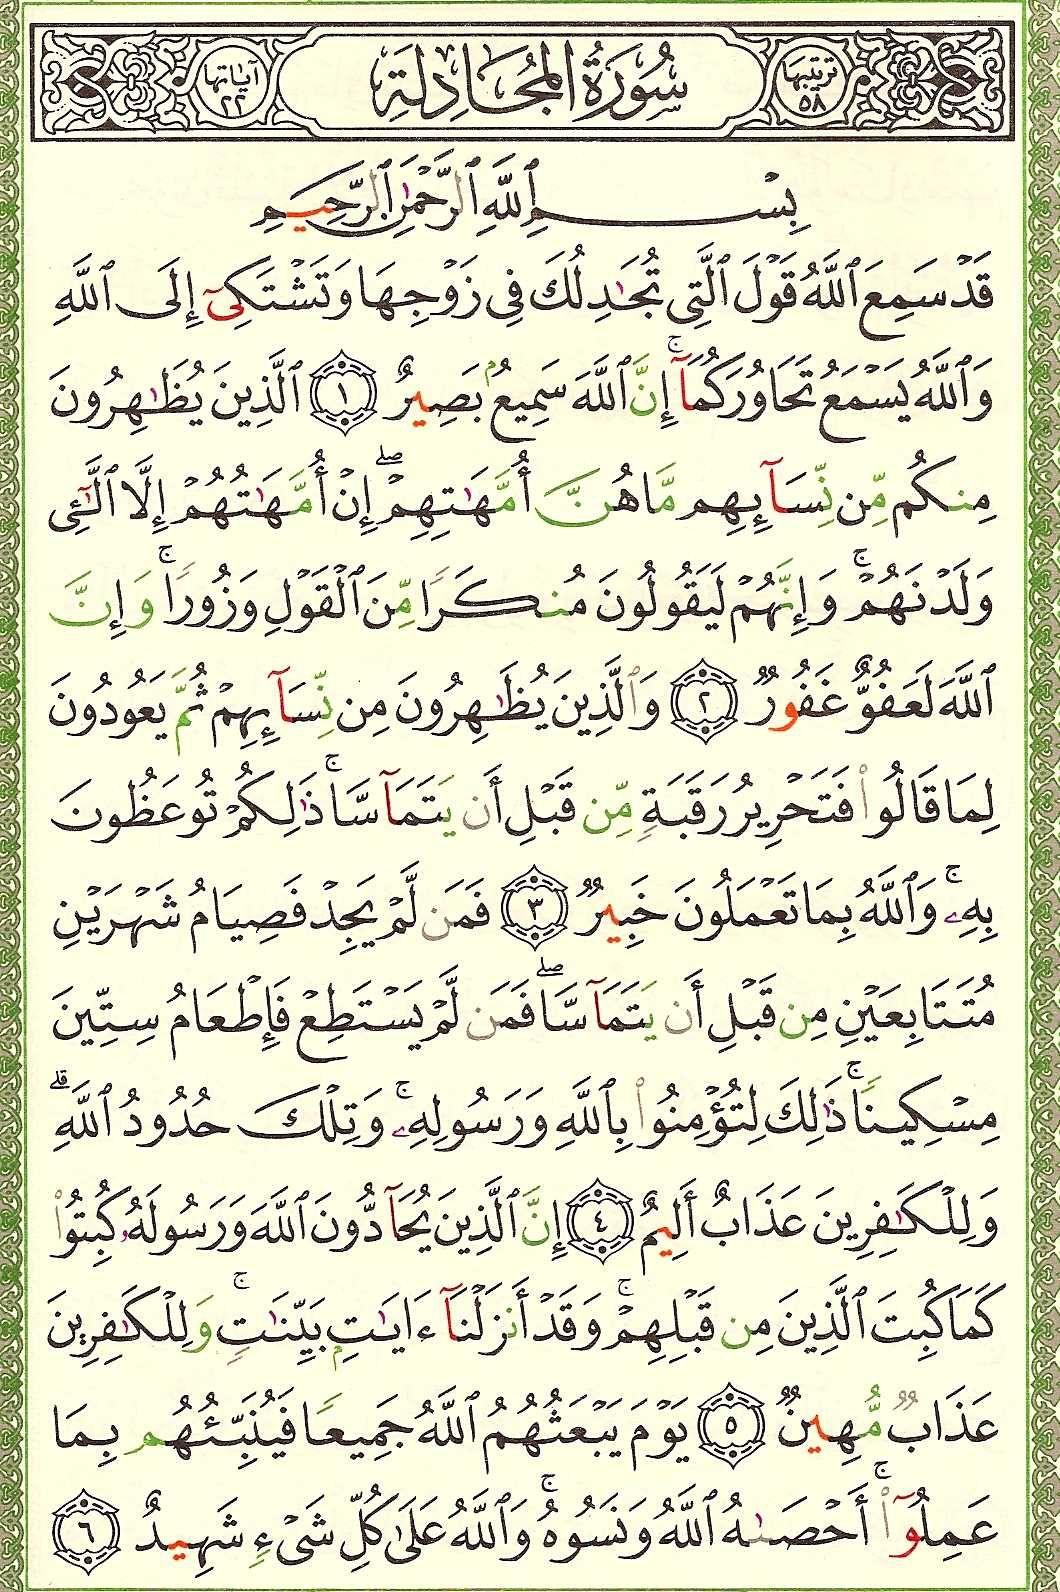 58. سورة المجادلة - Al-Mujadila مصورة من المصحف الشريف 542